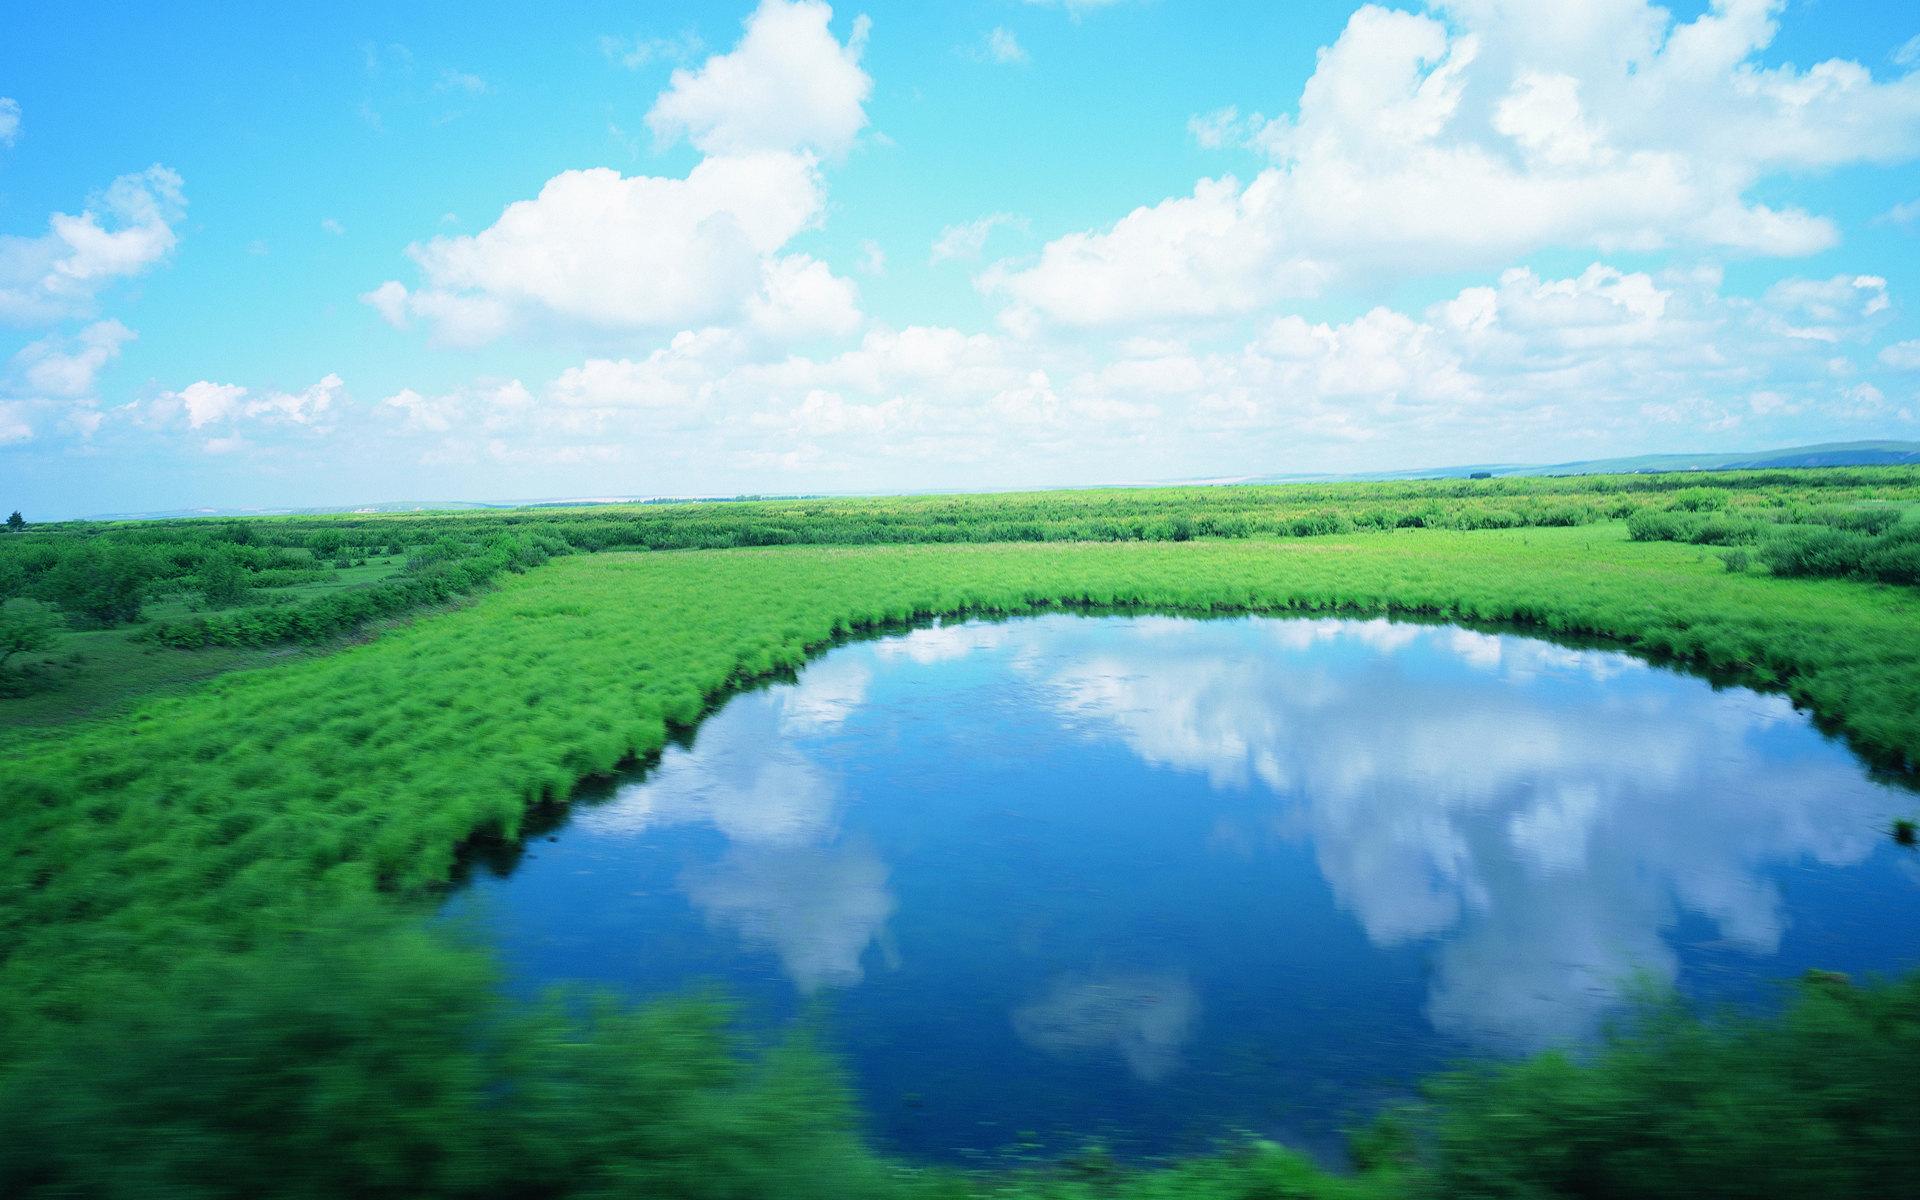 蓝天白云草原湖泊风光壁纸图片